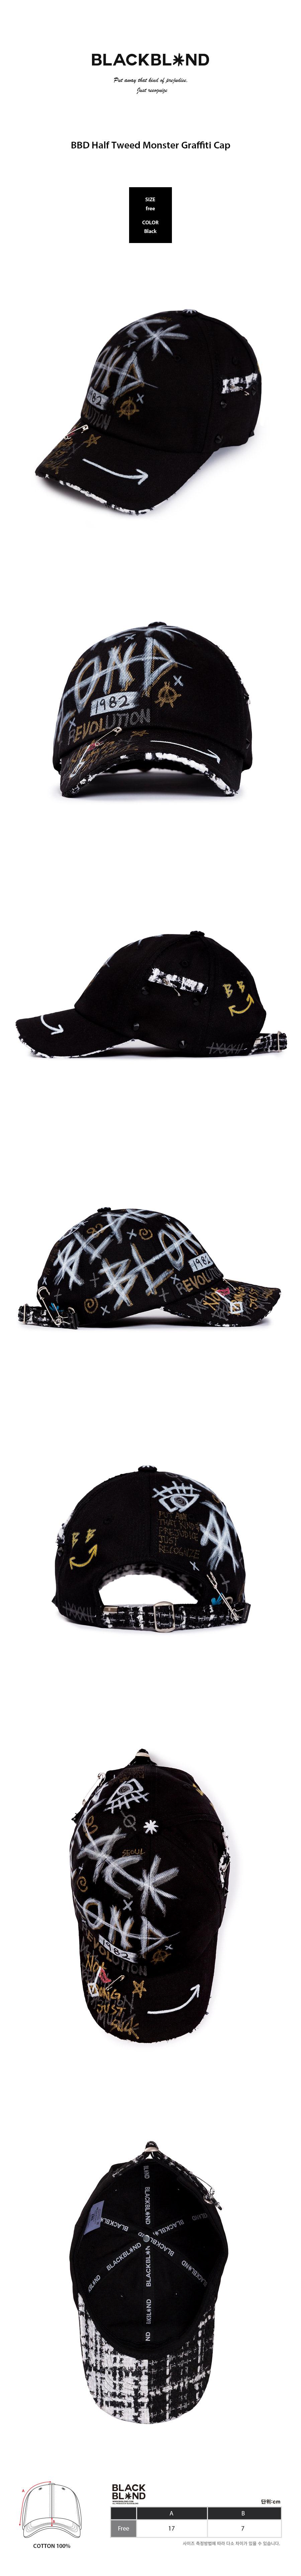 블랙블론드 BLACKBLOND - BBD Half Tweed Monster Graffiti Cap (Black)